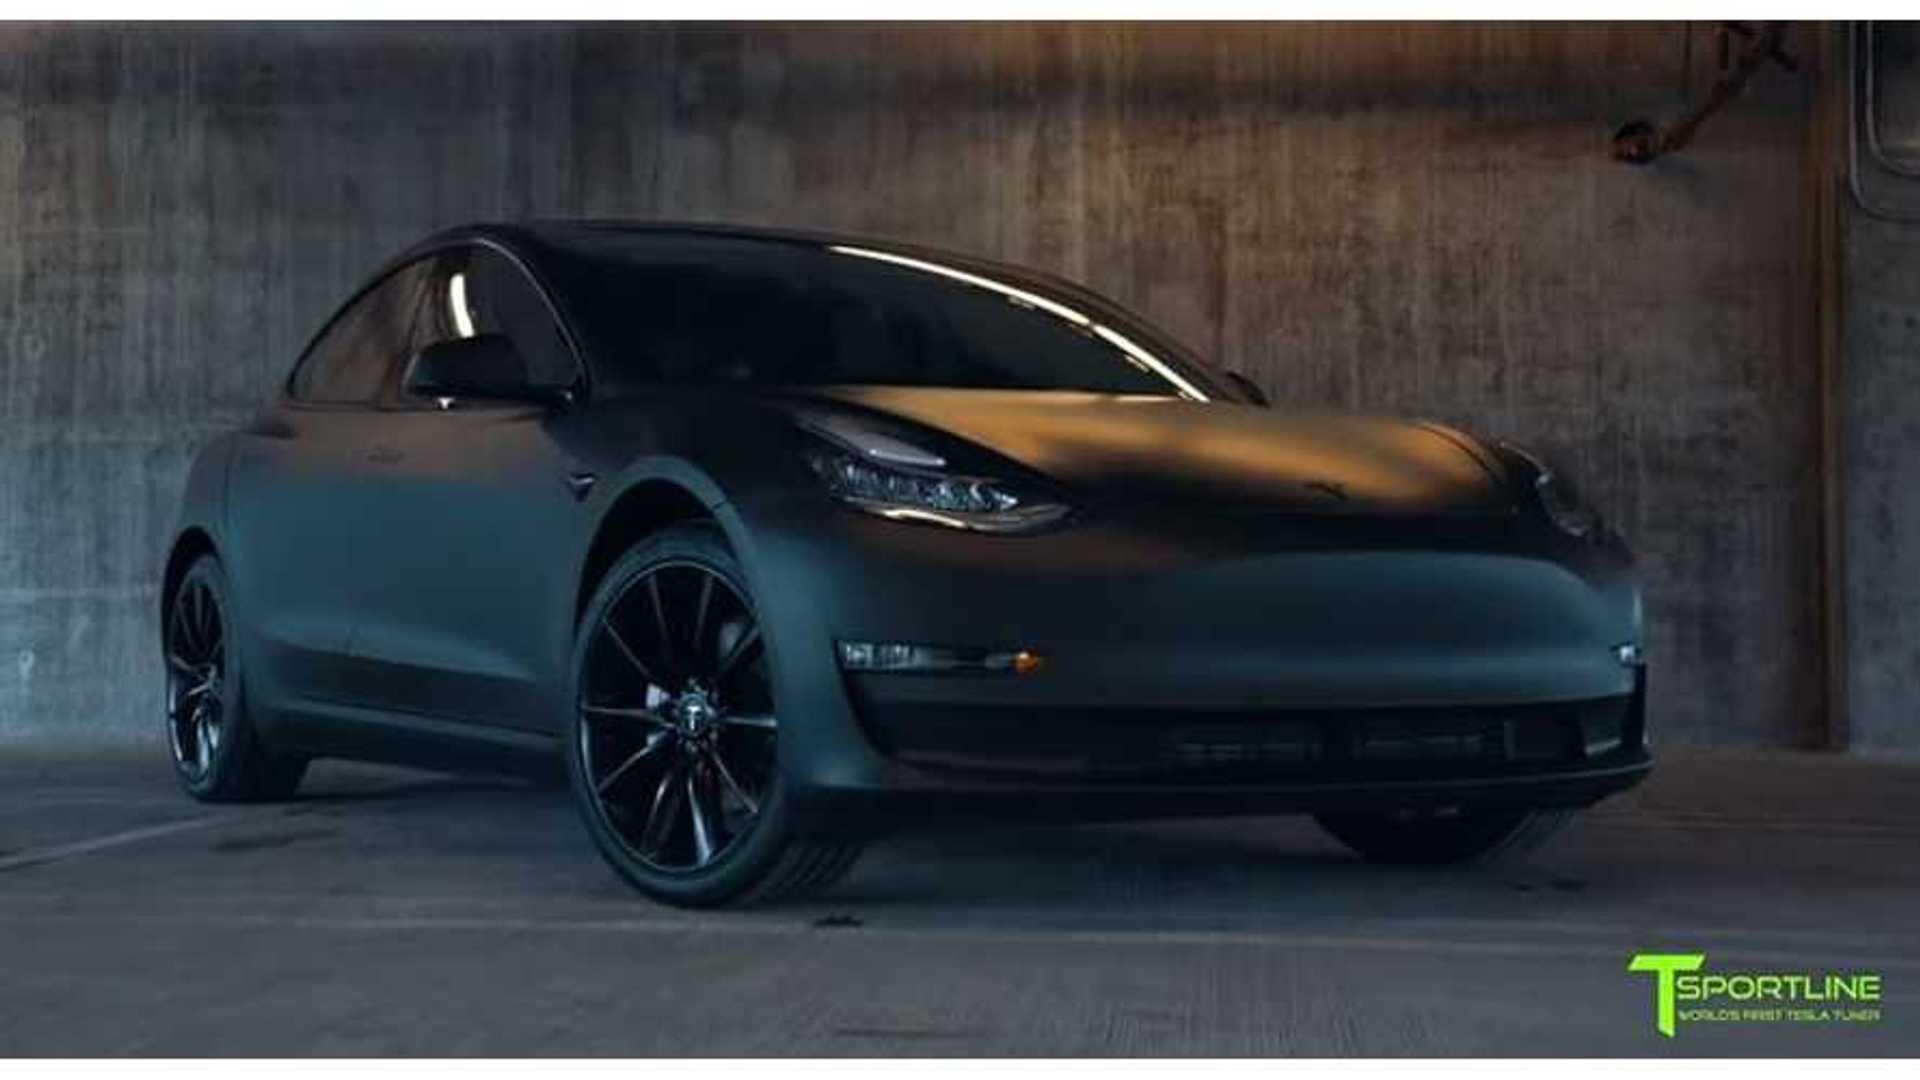 T Sportline S Tesla Model 3 Looks Like Matte Black Prototype